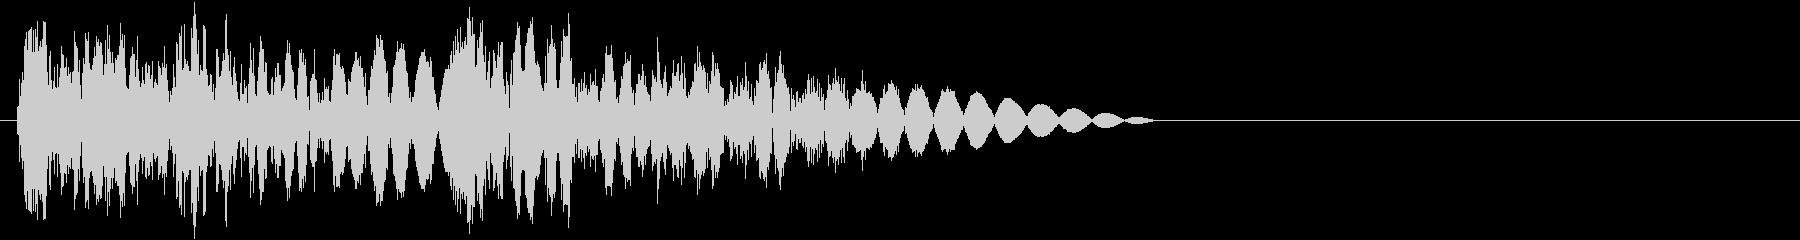 ビシバシッ(攻撃・打撃)の未再生の波形